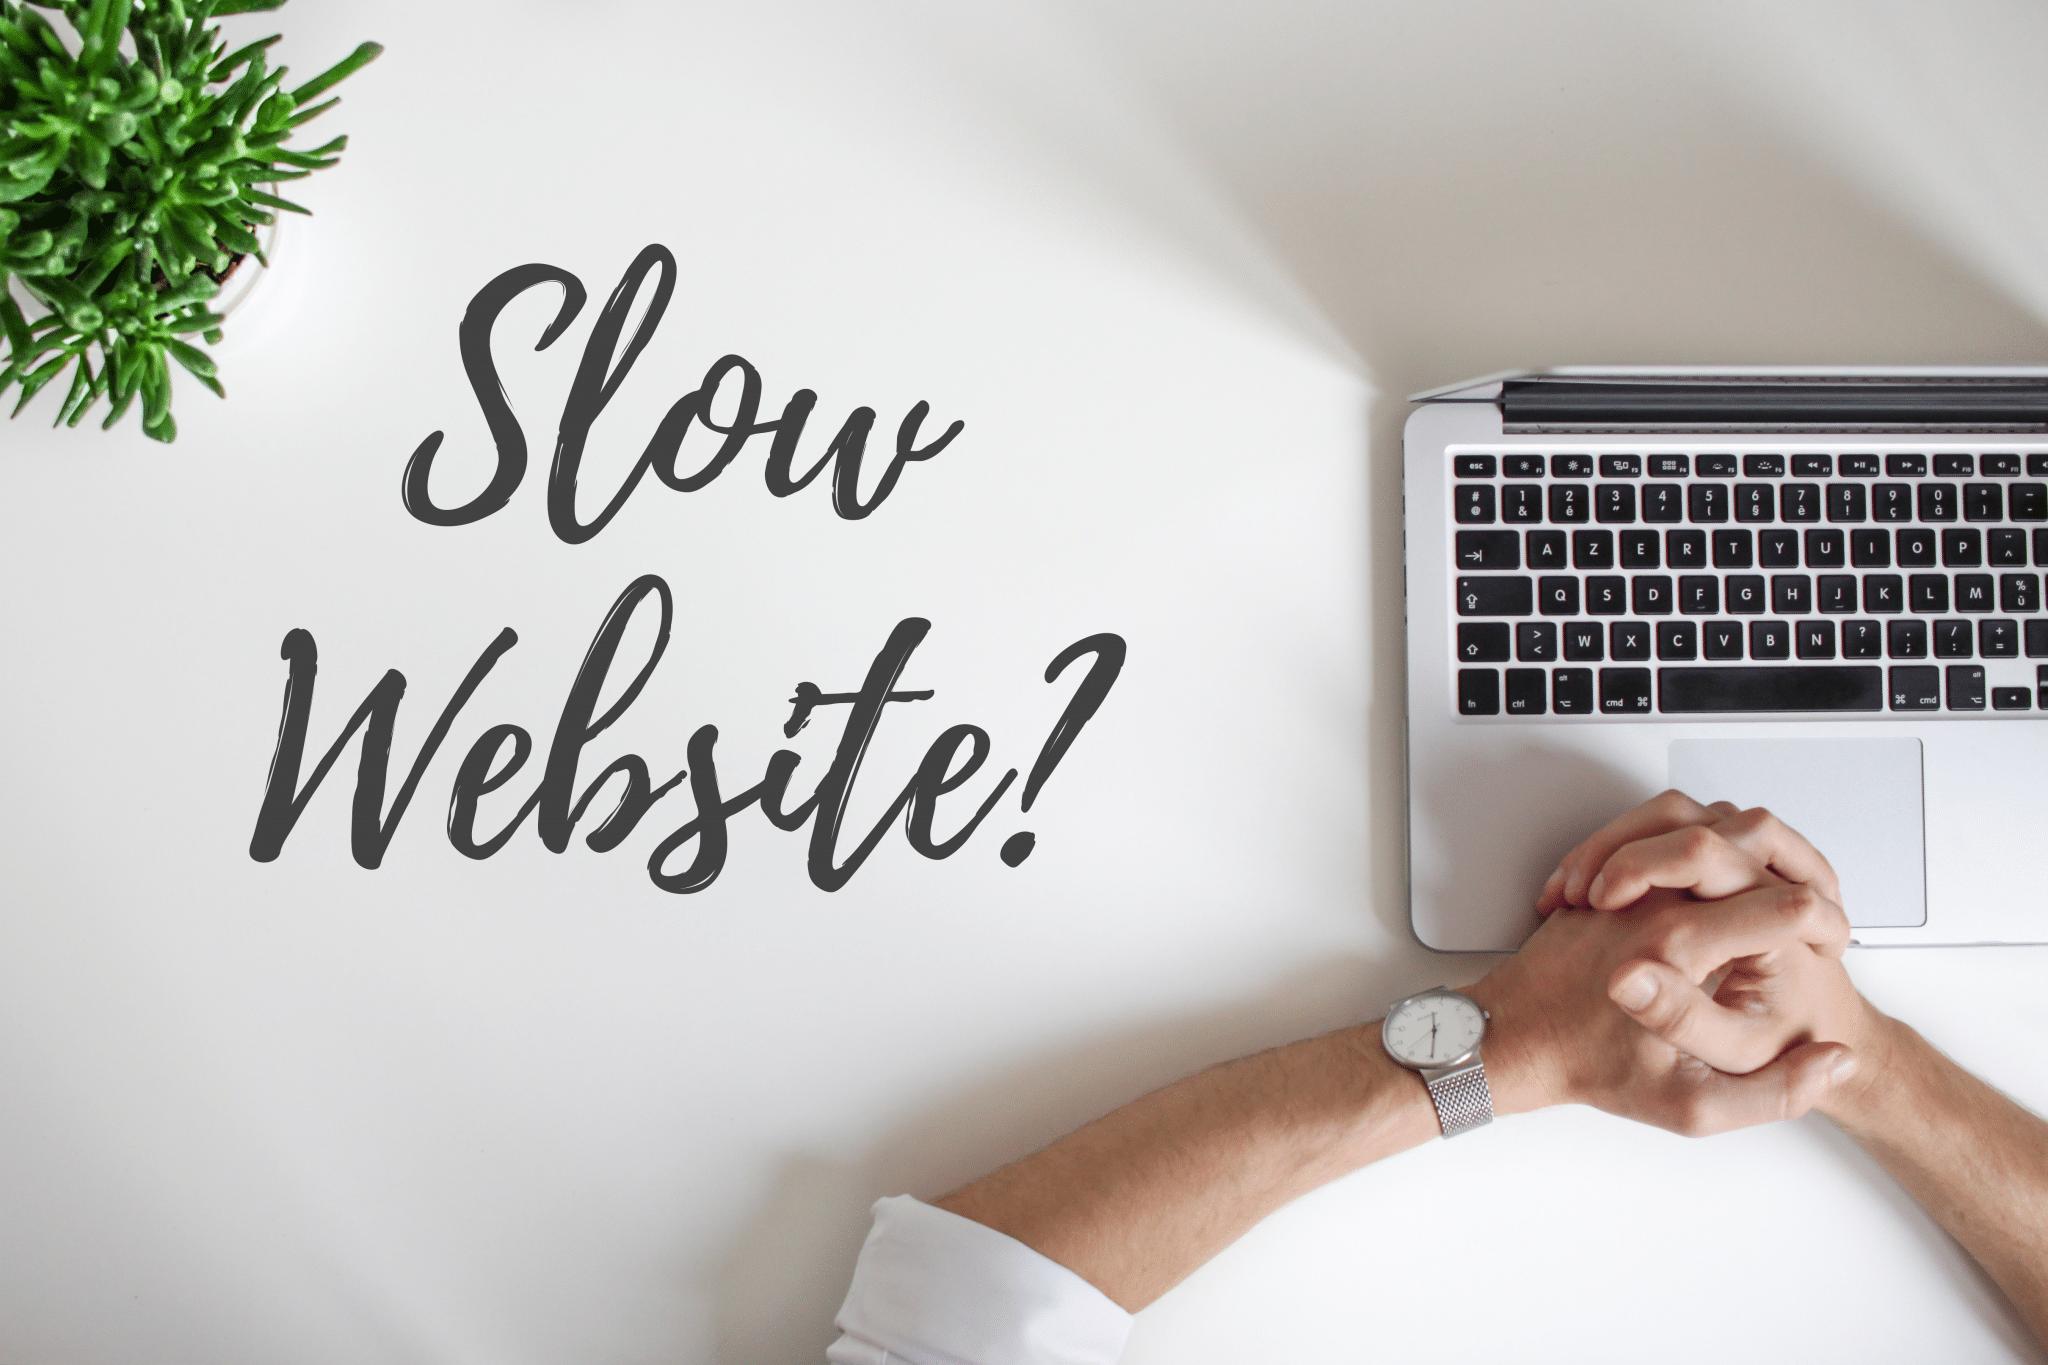 Slow Website fix